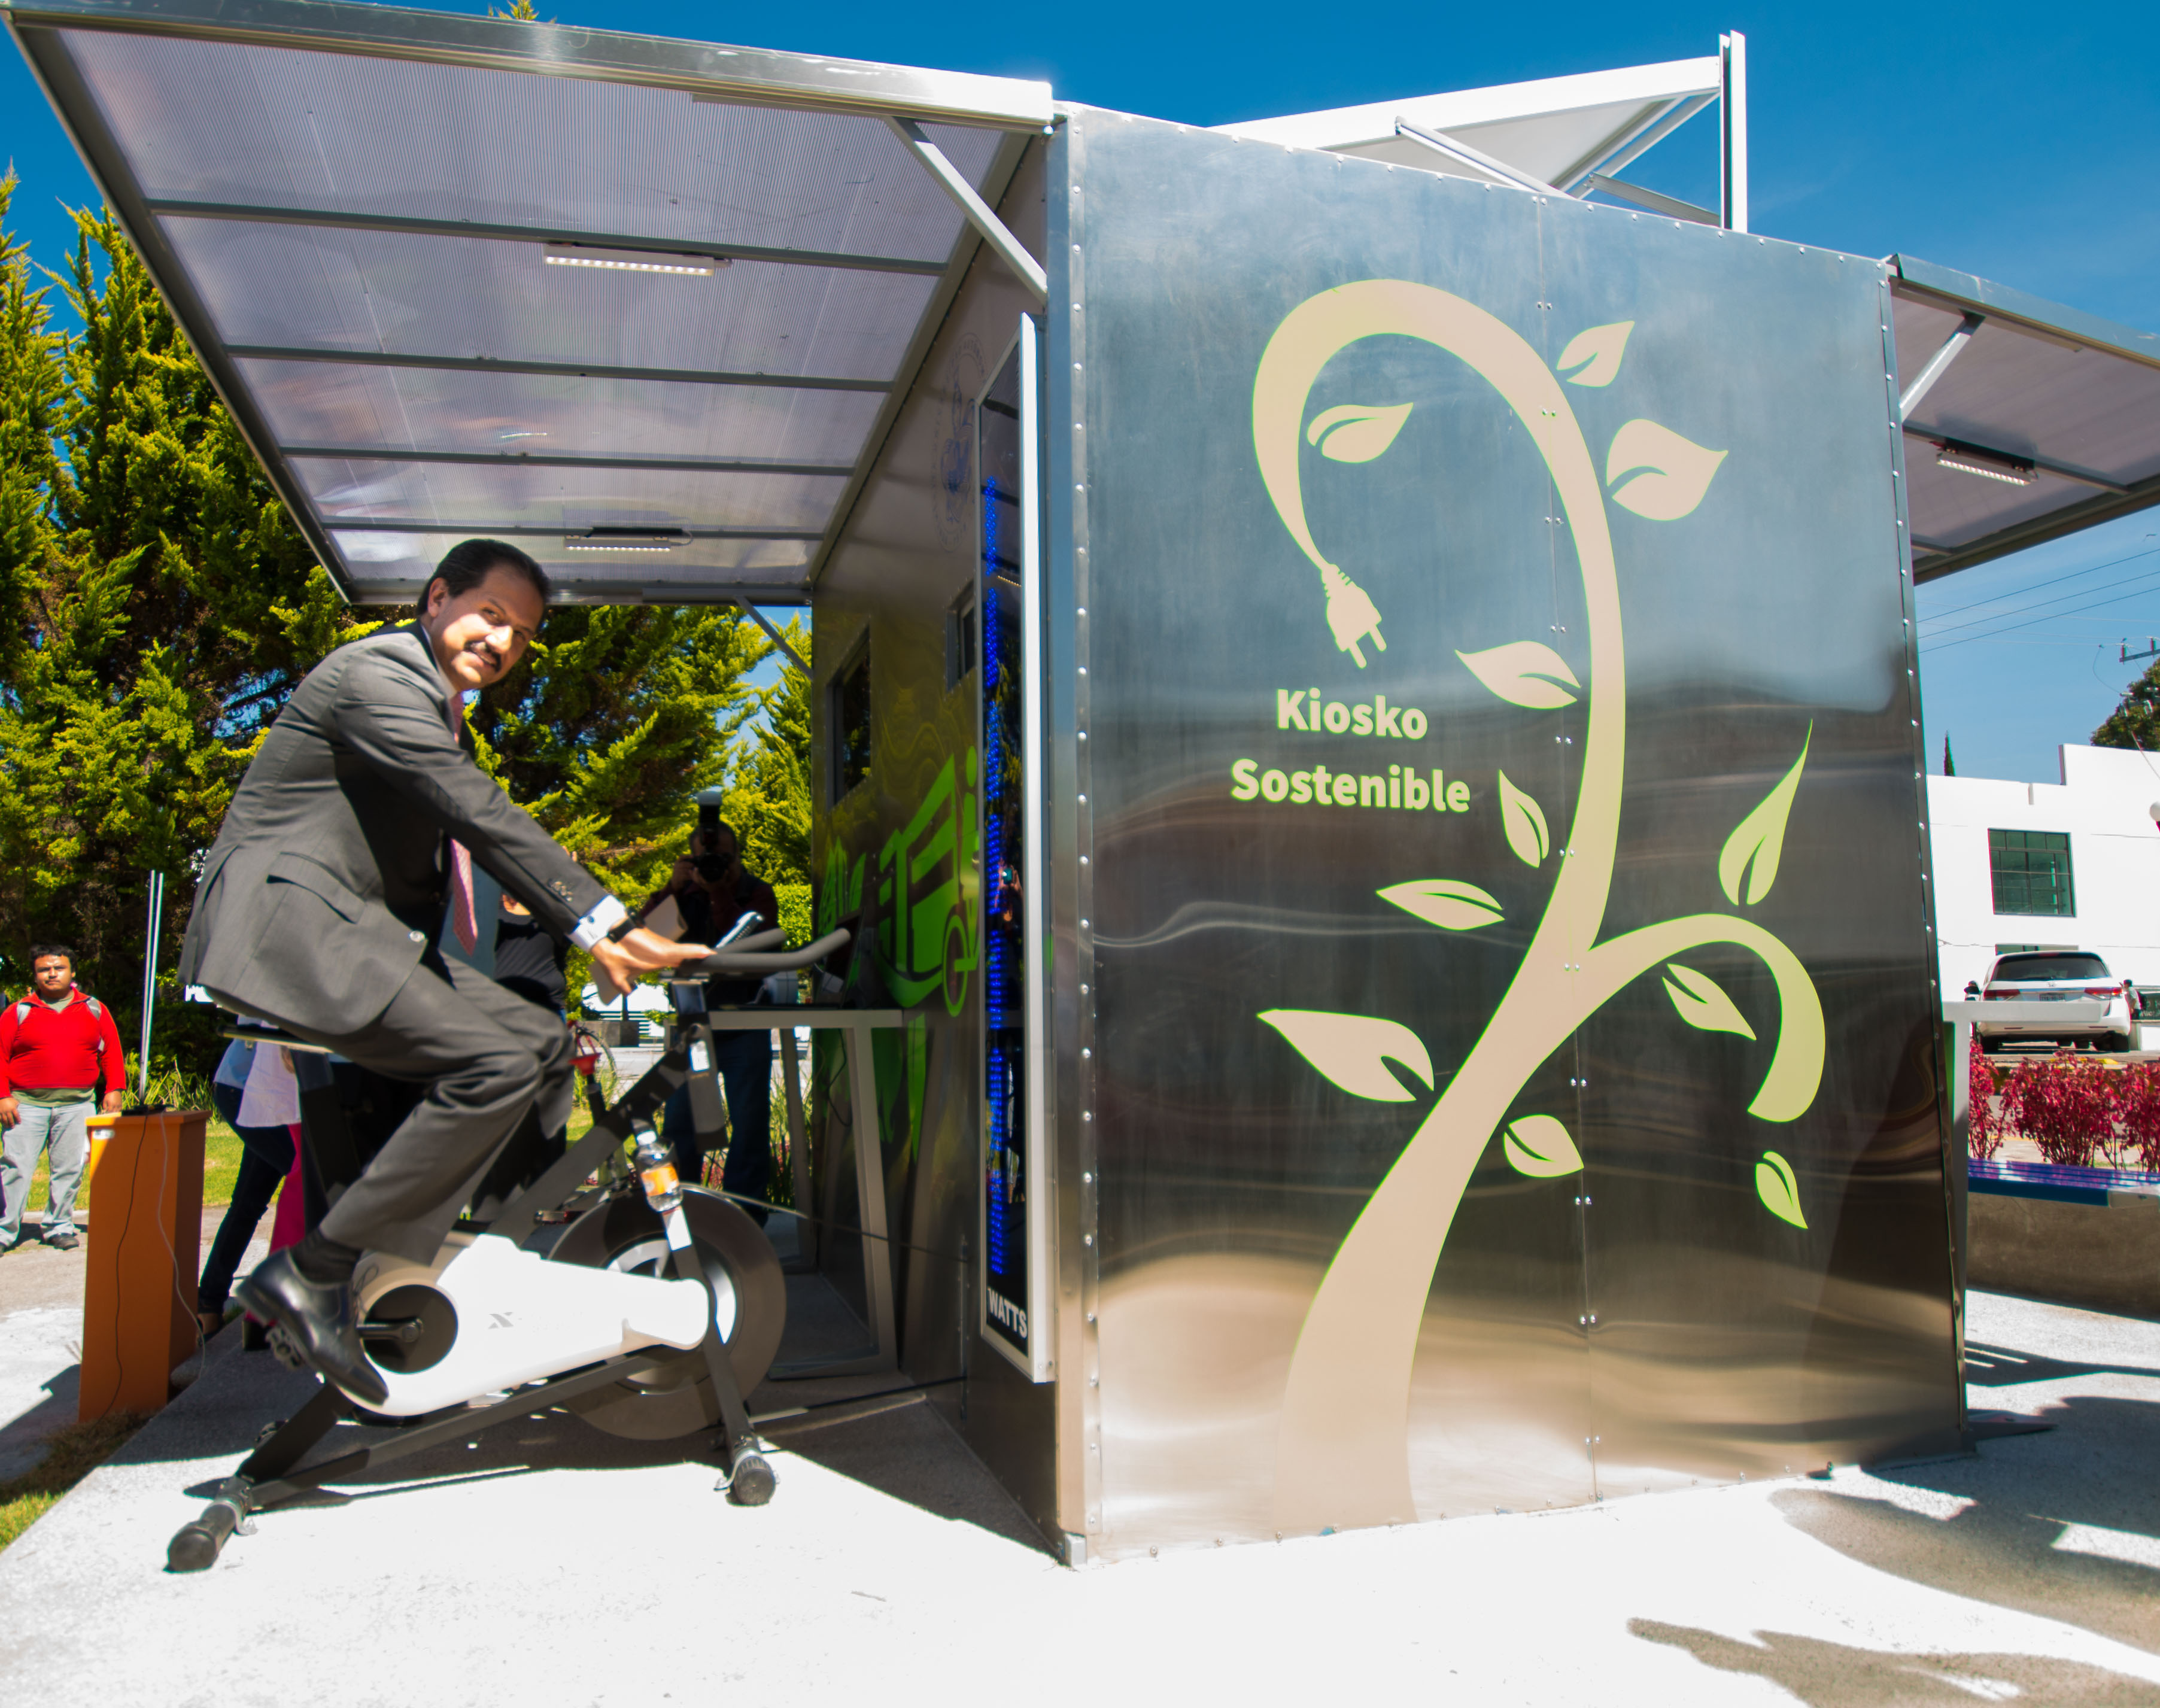 La BUAP crea centro de recarga sostenible